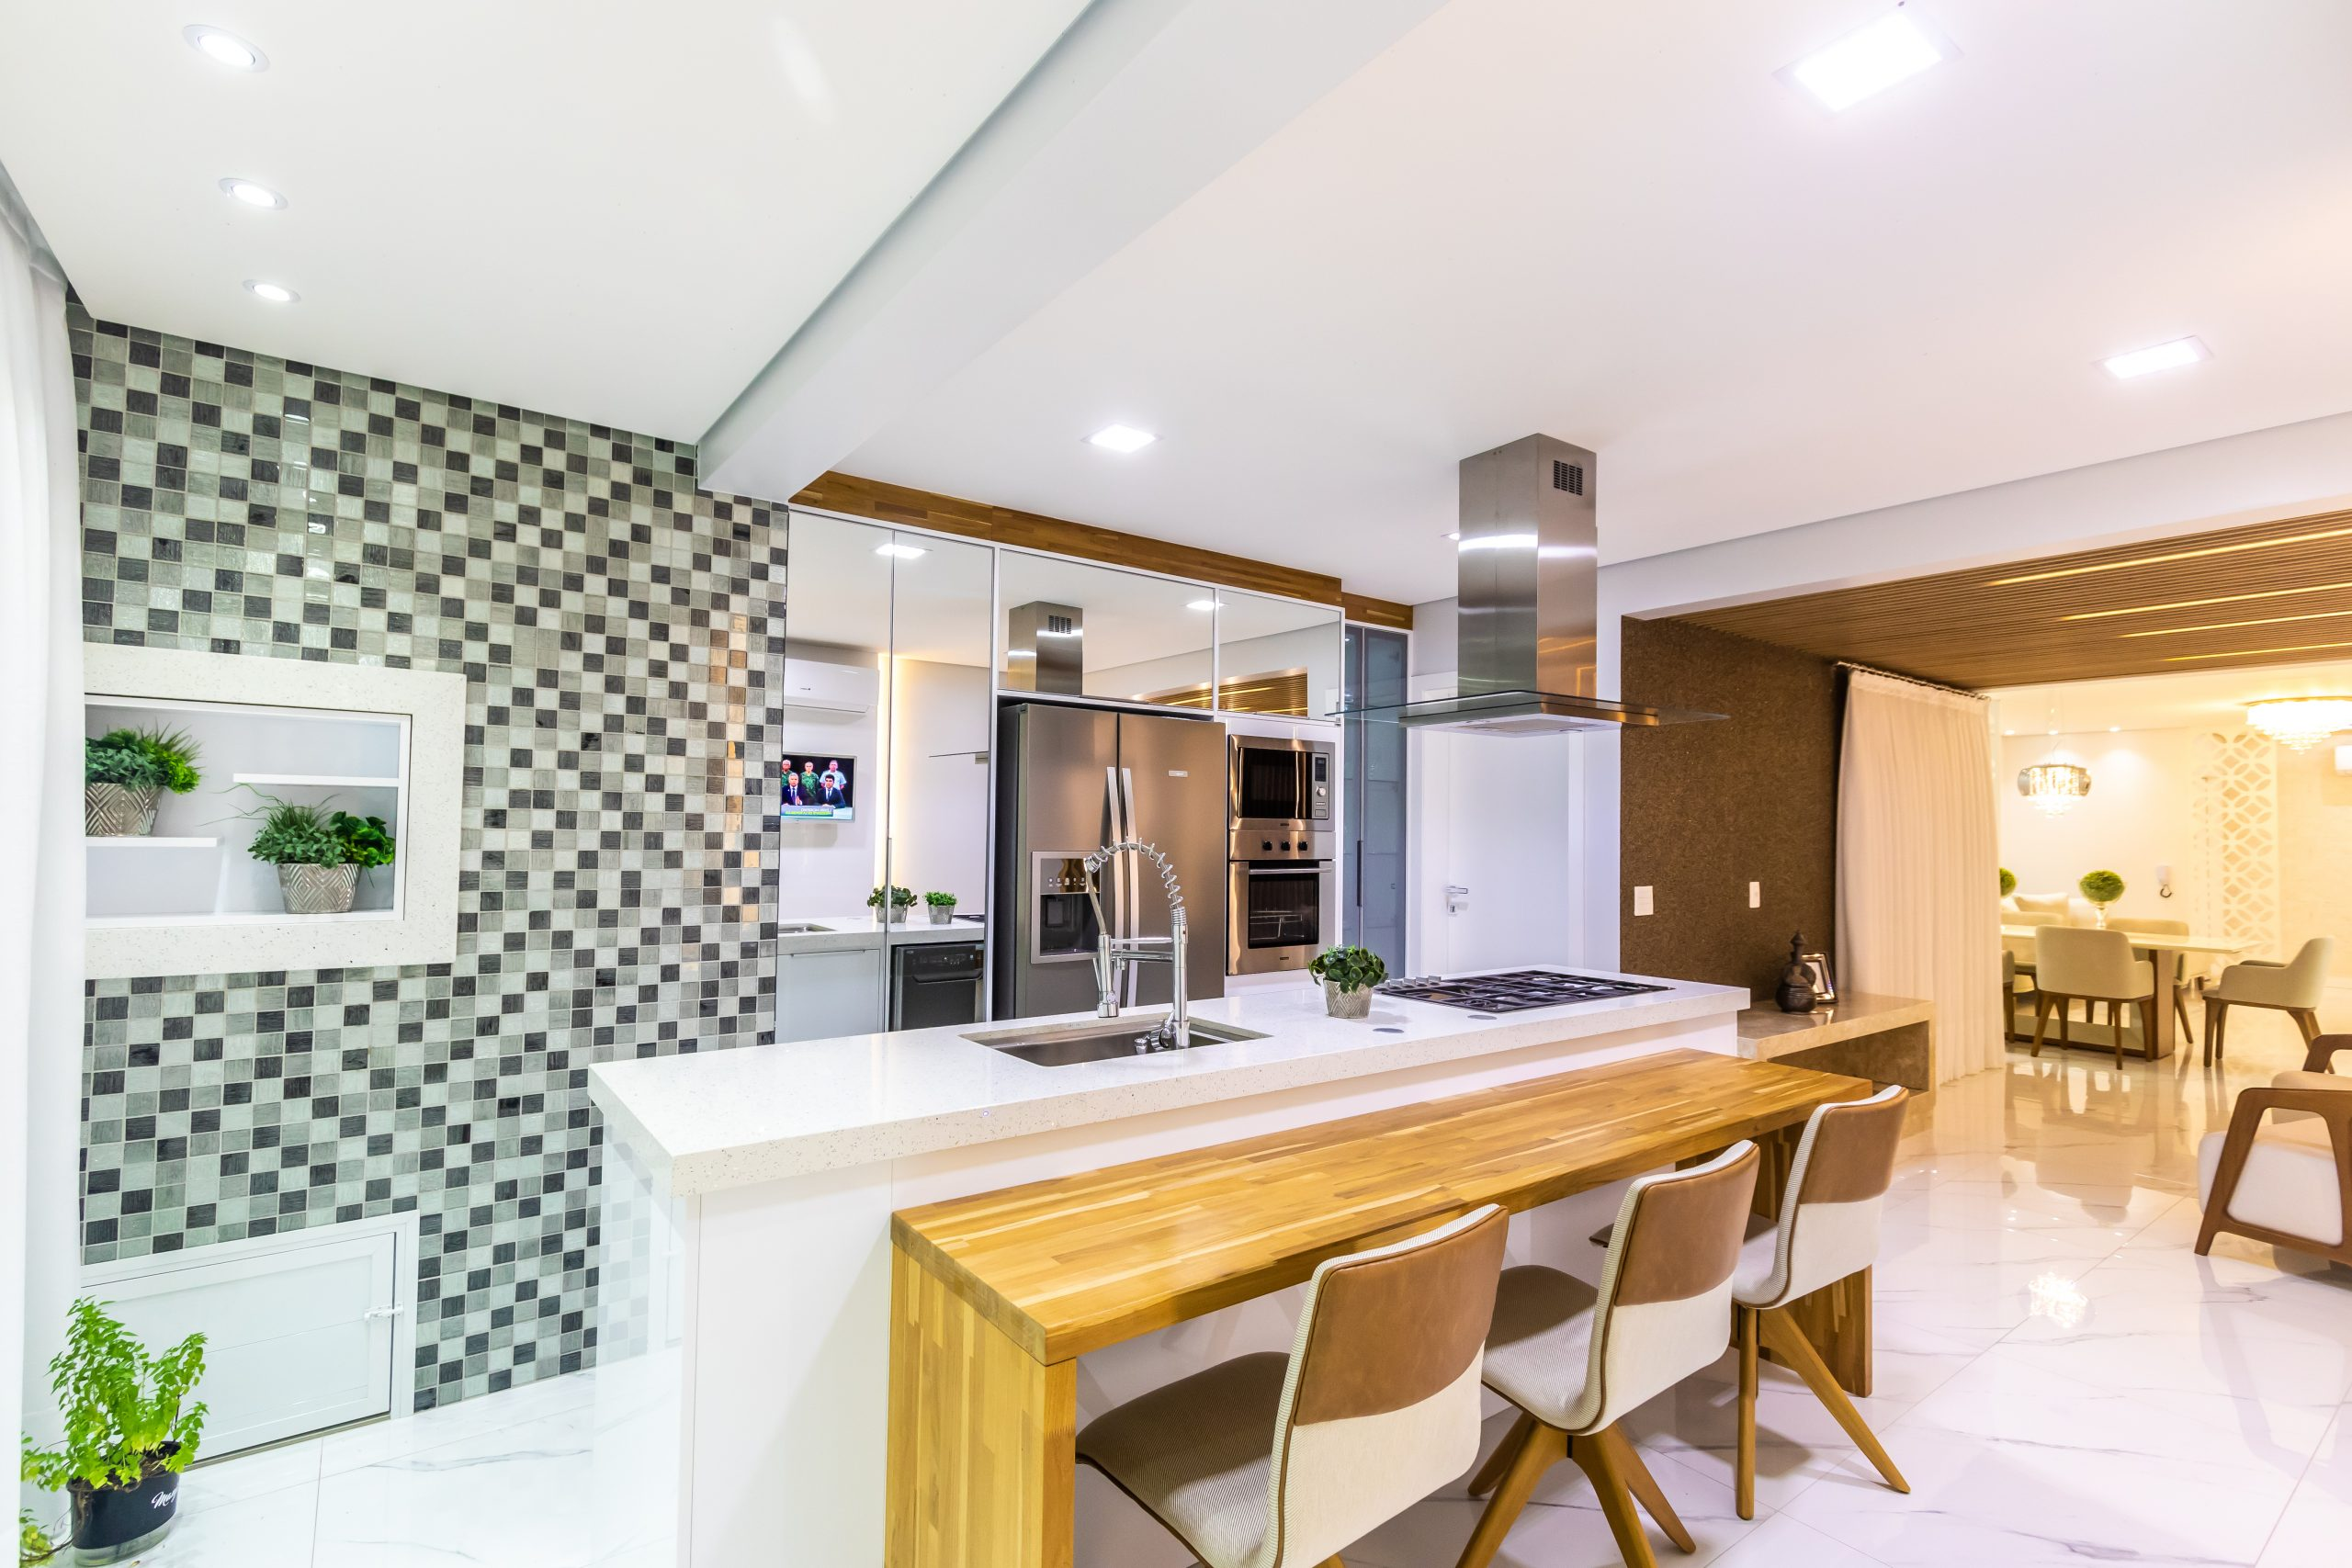 cozinha gourmet com madeira, pastilha e espelho cozinha luxo cozinha na praia